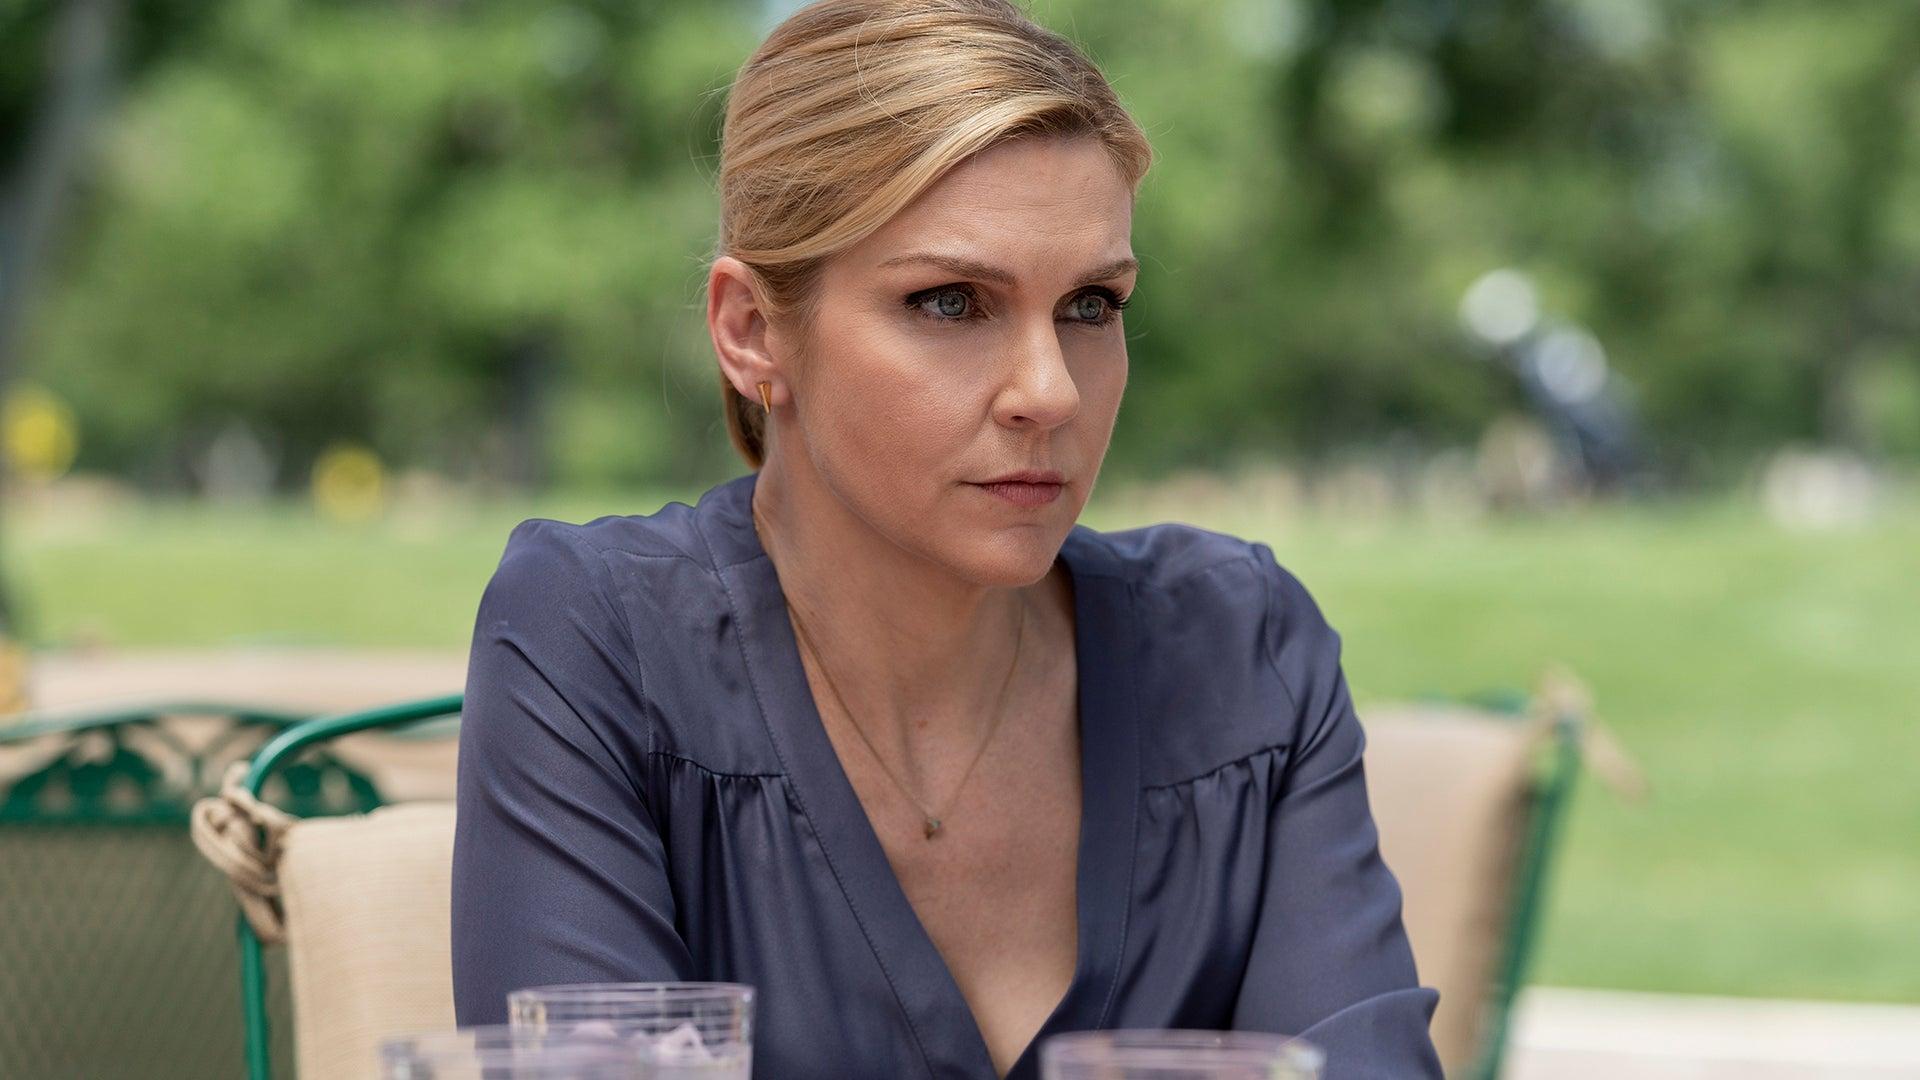 Rhea Seehorn, Better Call Saul